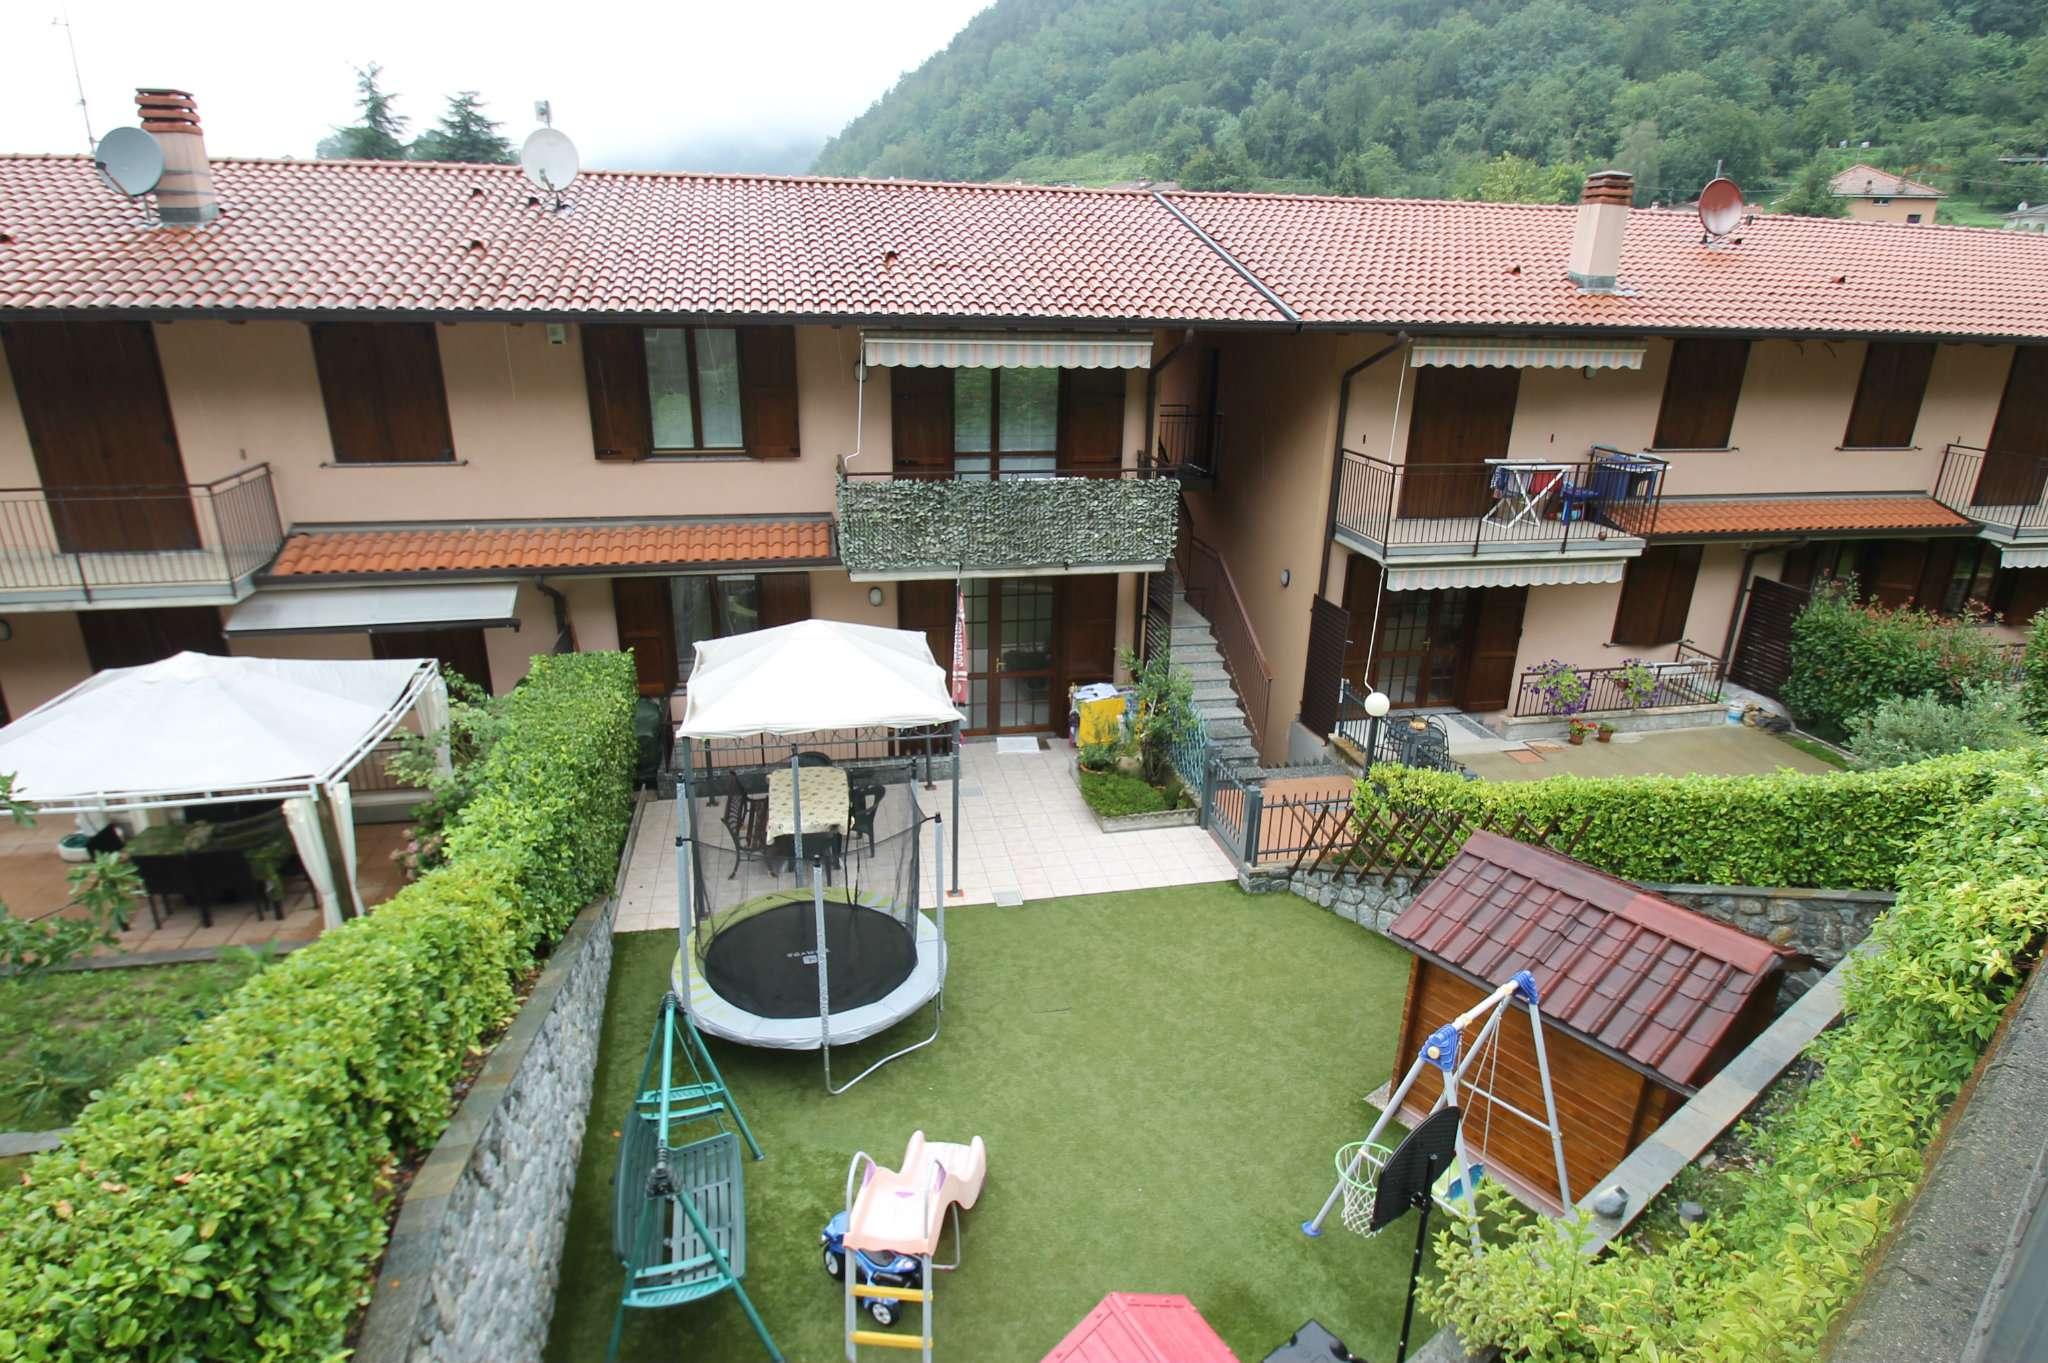 Appartamento trilocale con giardino in vendita a Torre de Busi